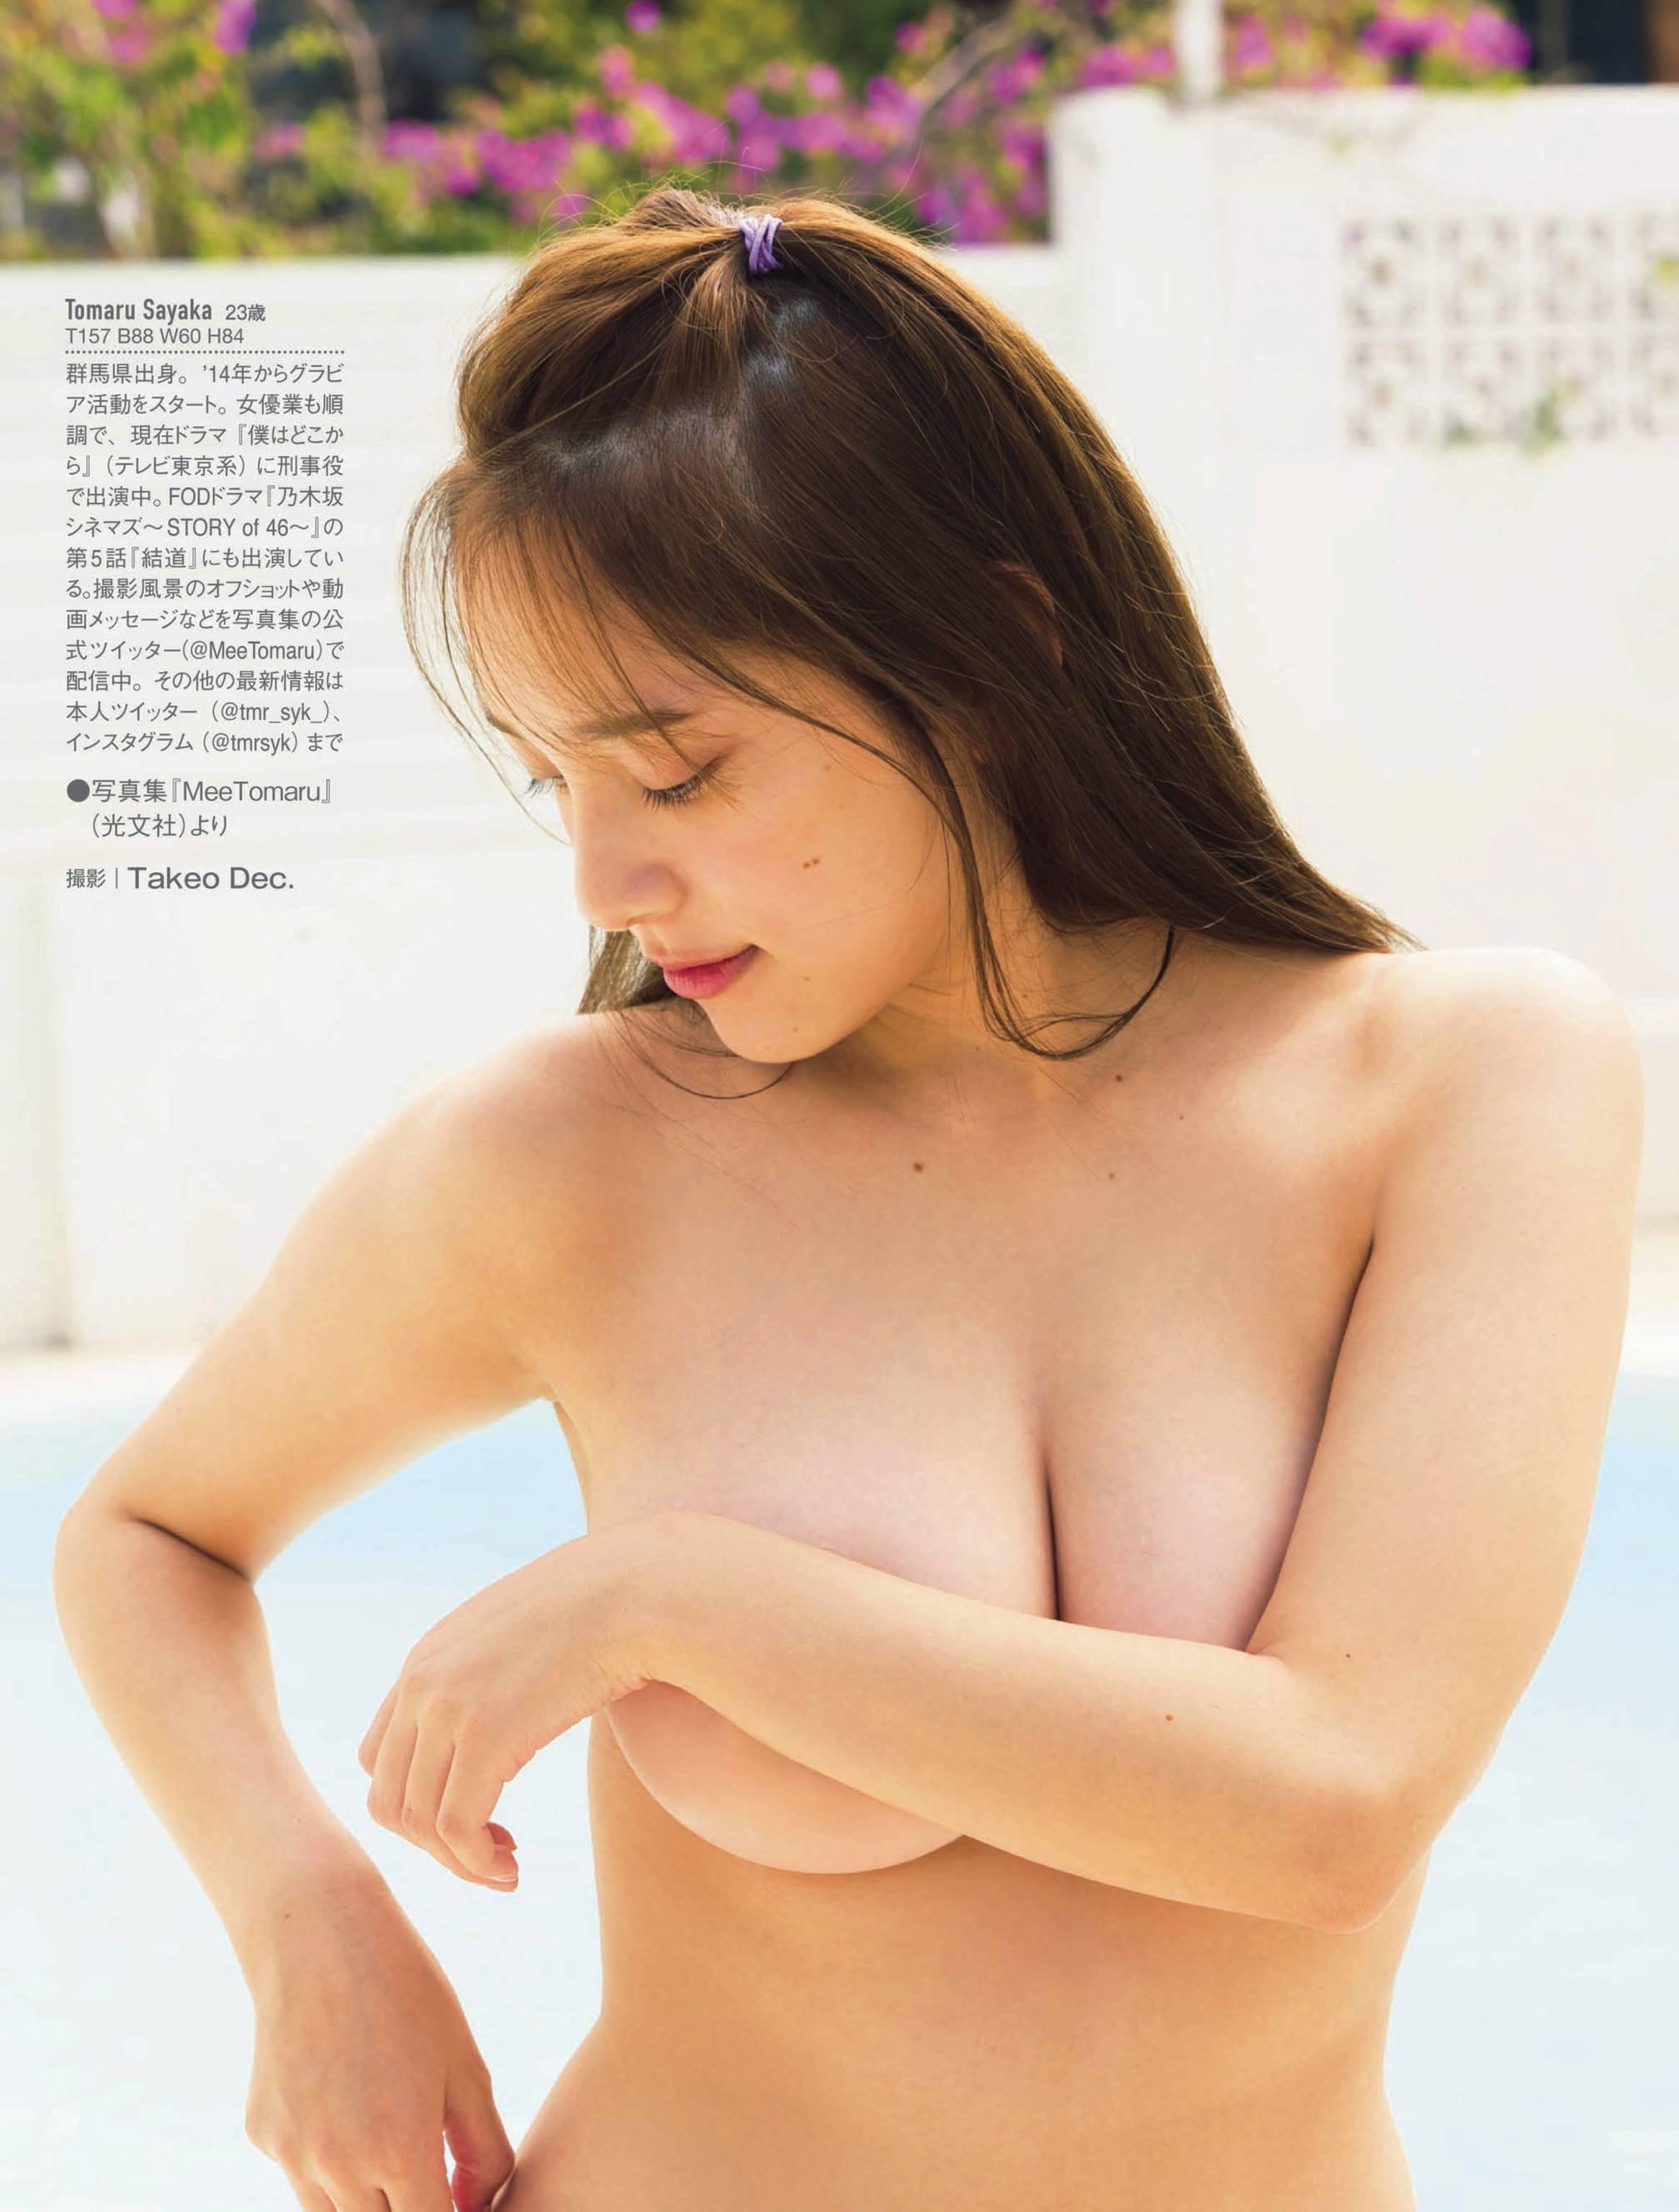 5-Sayaka-Tomaru-5